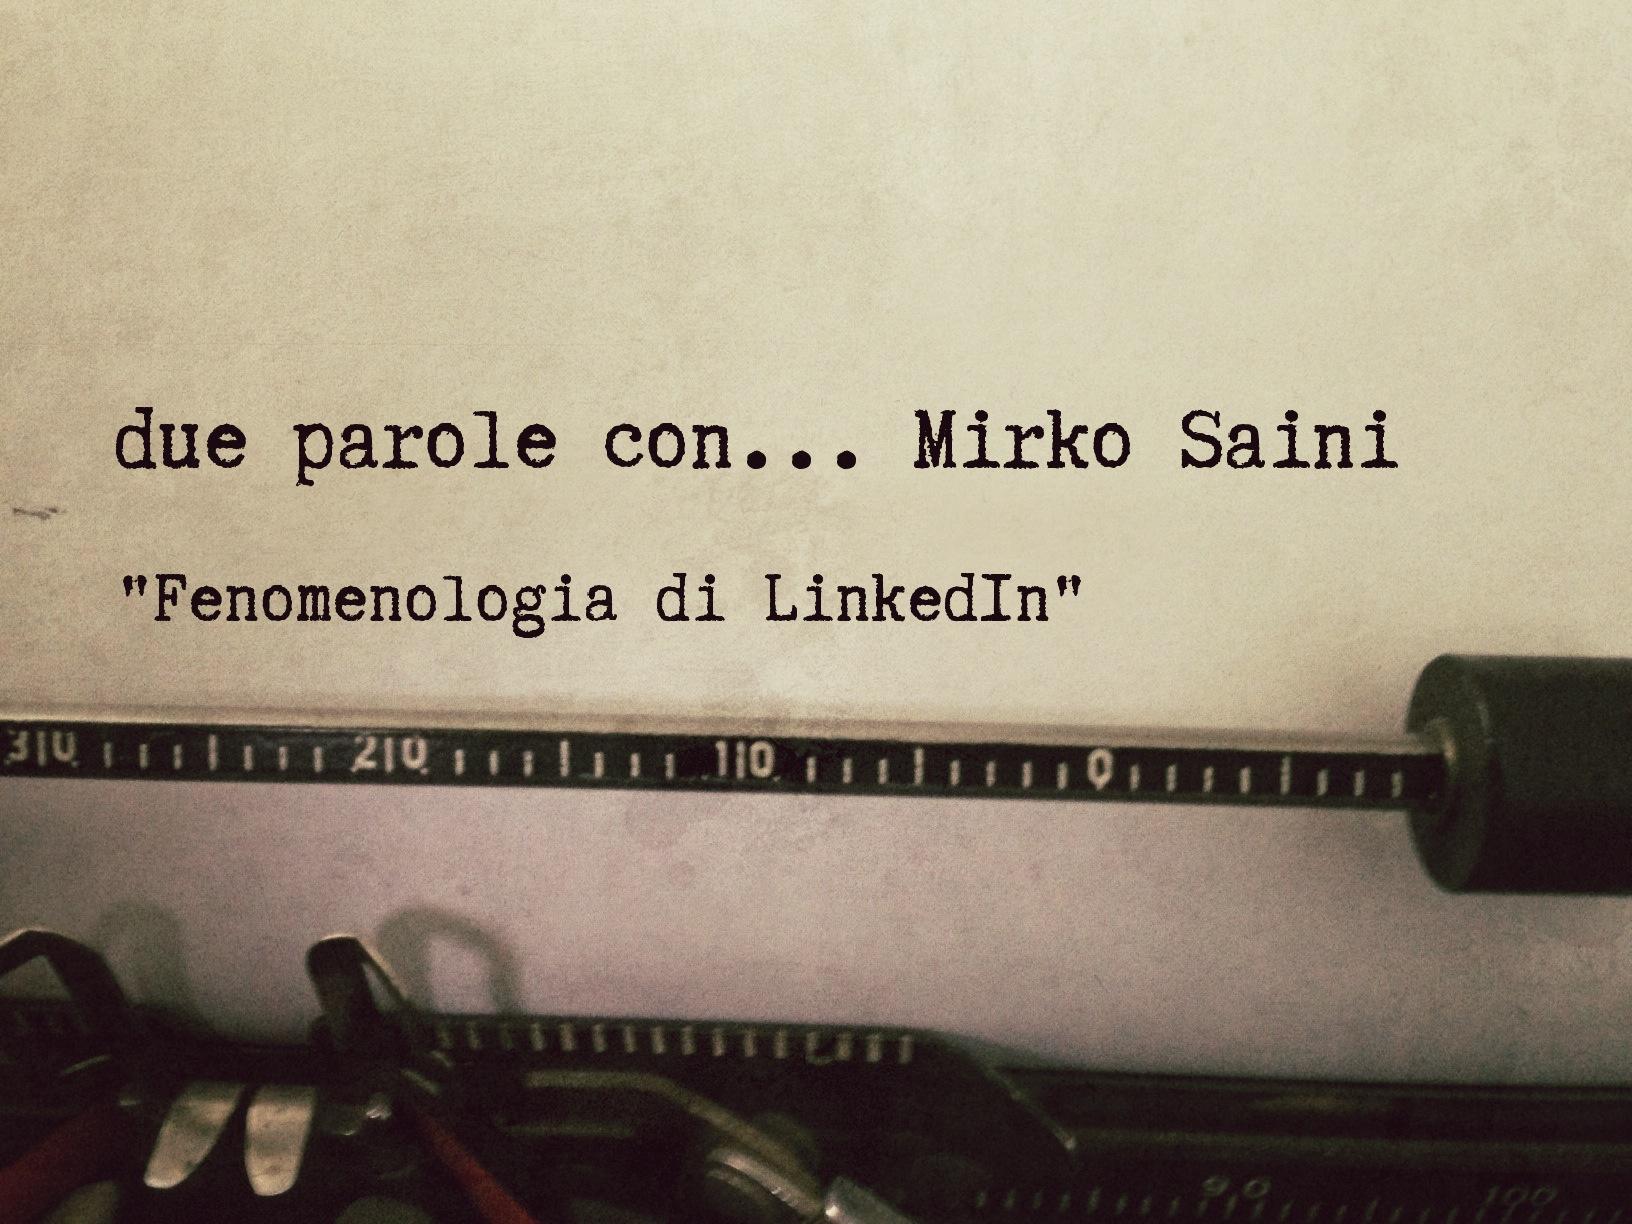 Mirko Saini – fenomenologia di Linkedin